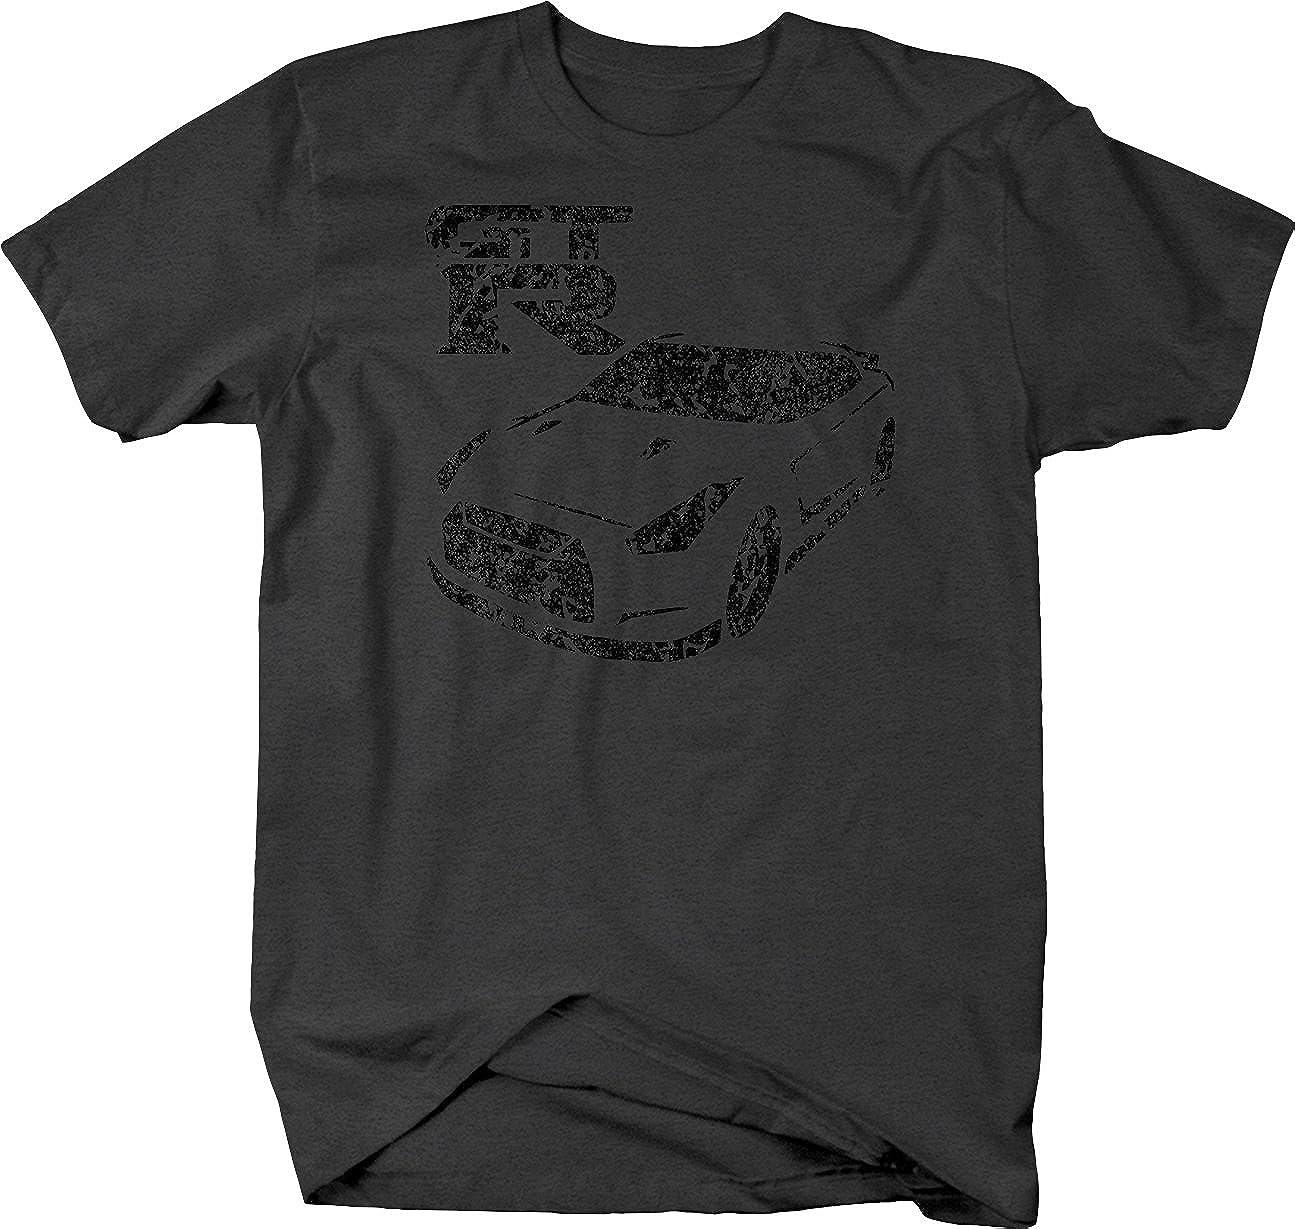 OS Gear Distressed Nissan GTR Godzilla Racing AWD Tshirt